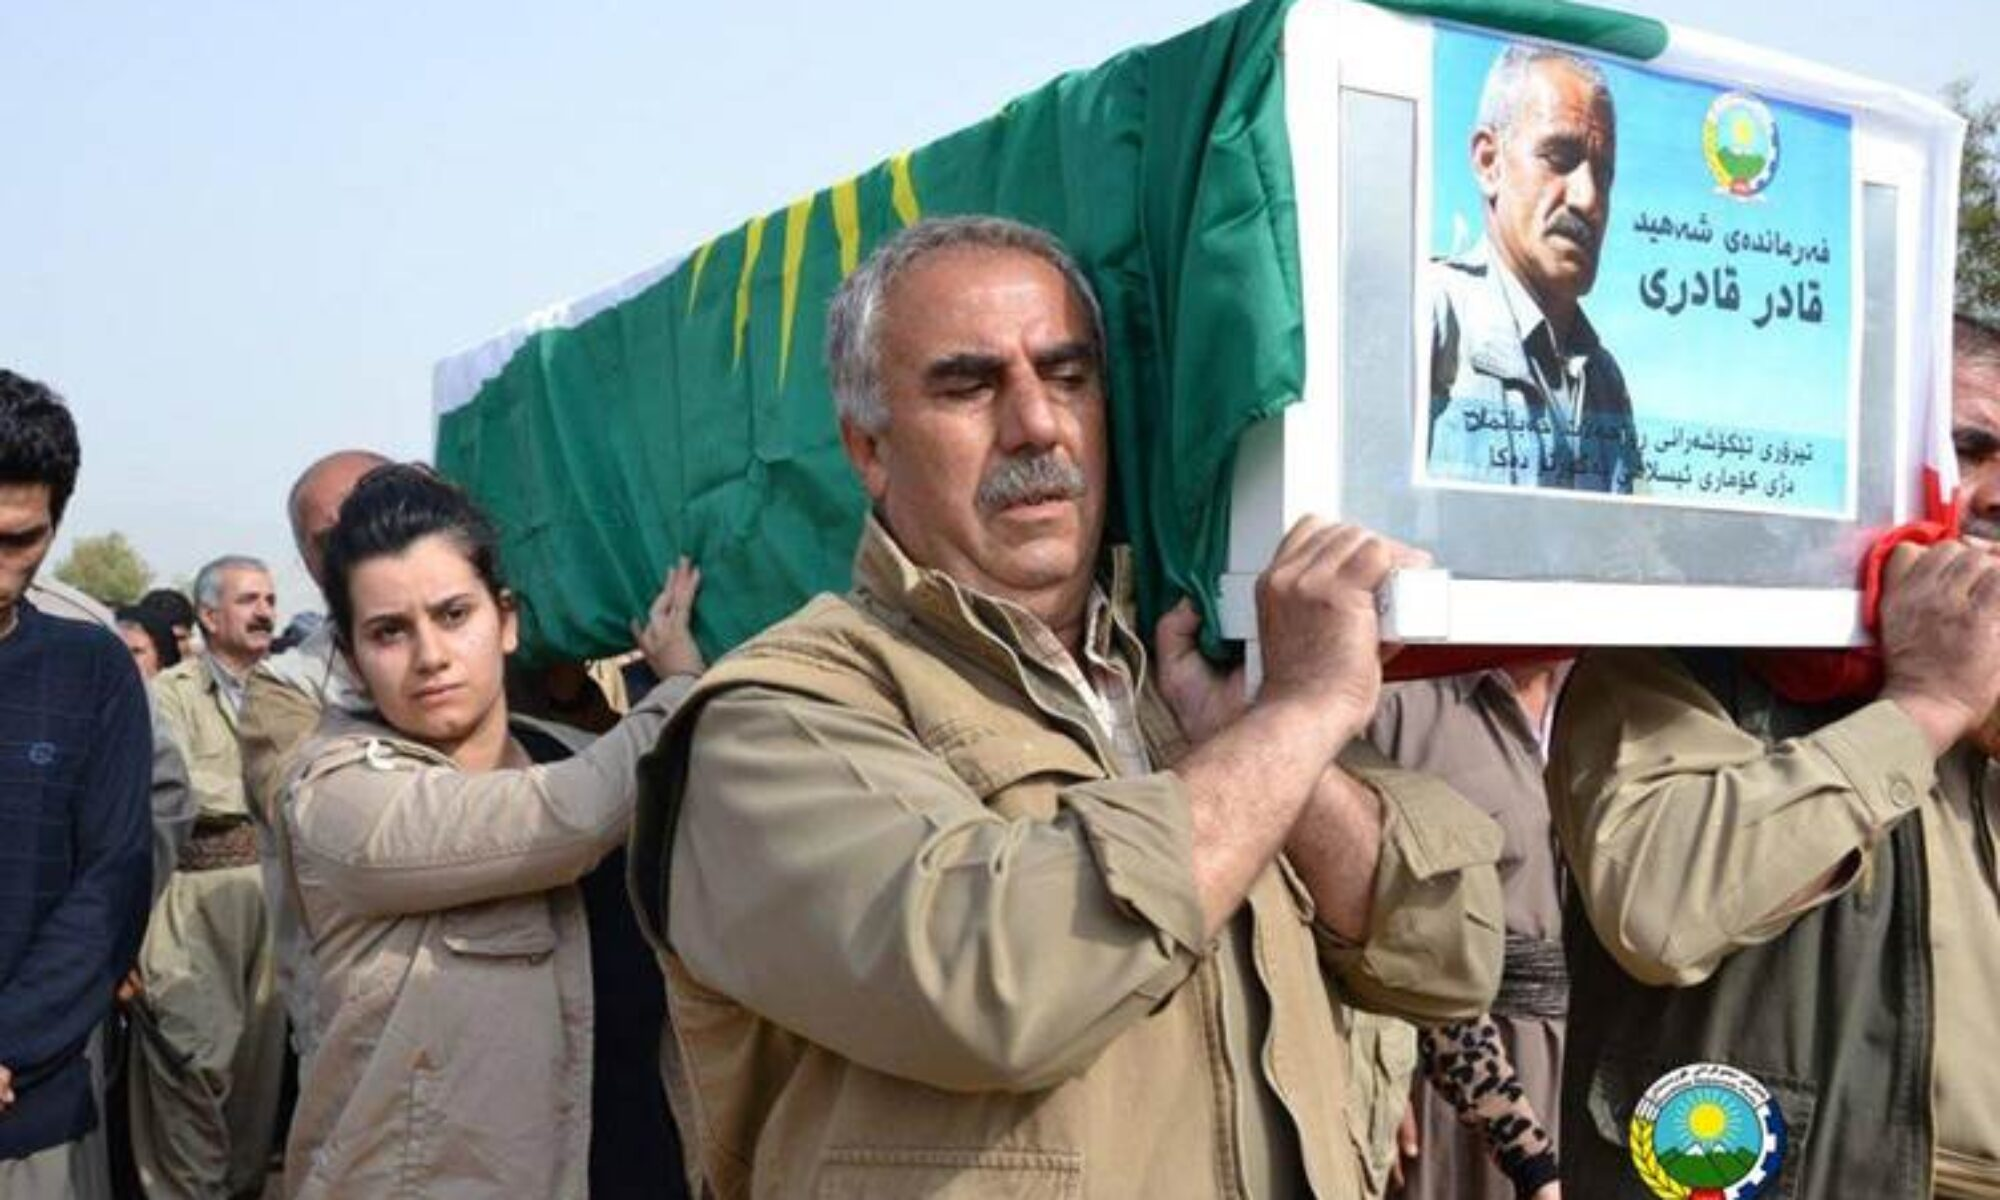 HDK'nin komutanlarından Kadir Kadiriyi öldürenler Hewler'de yargılanıyor